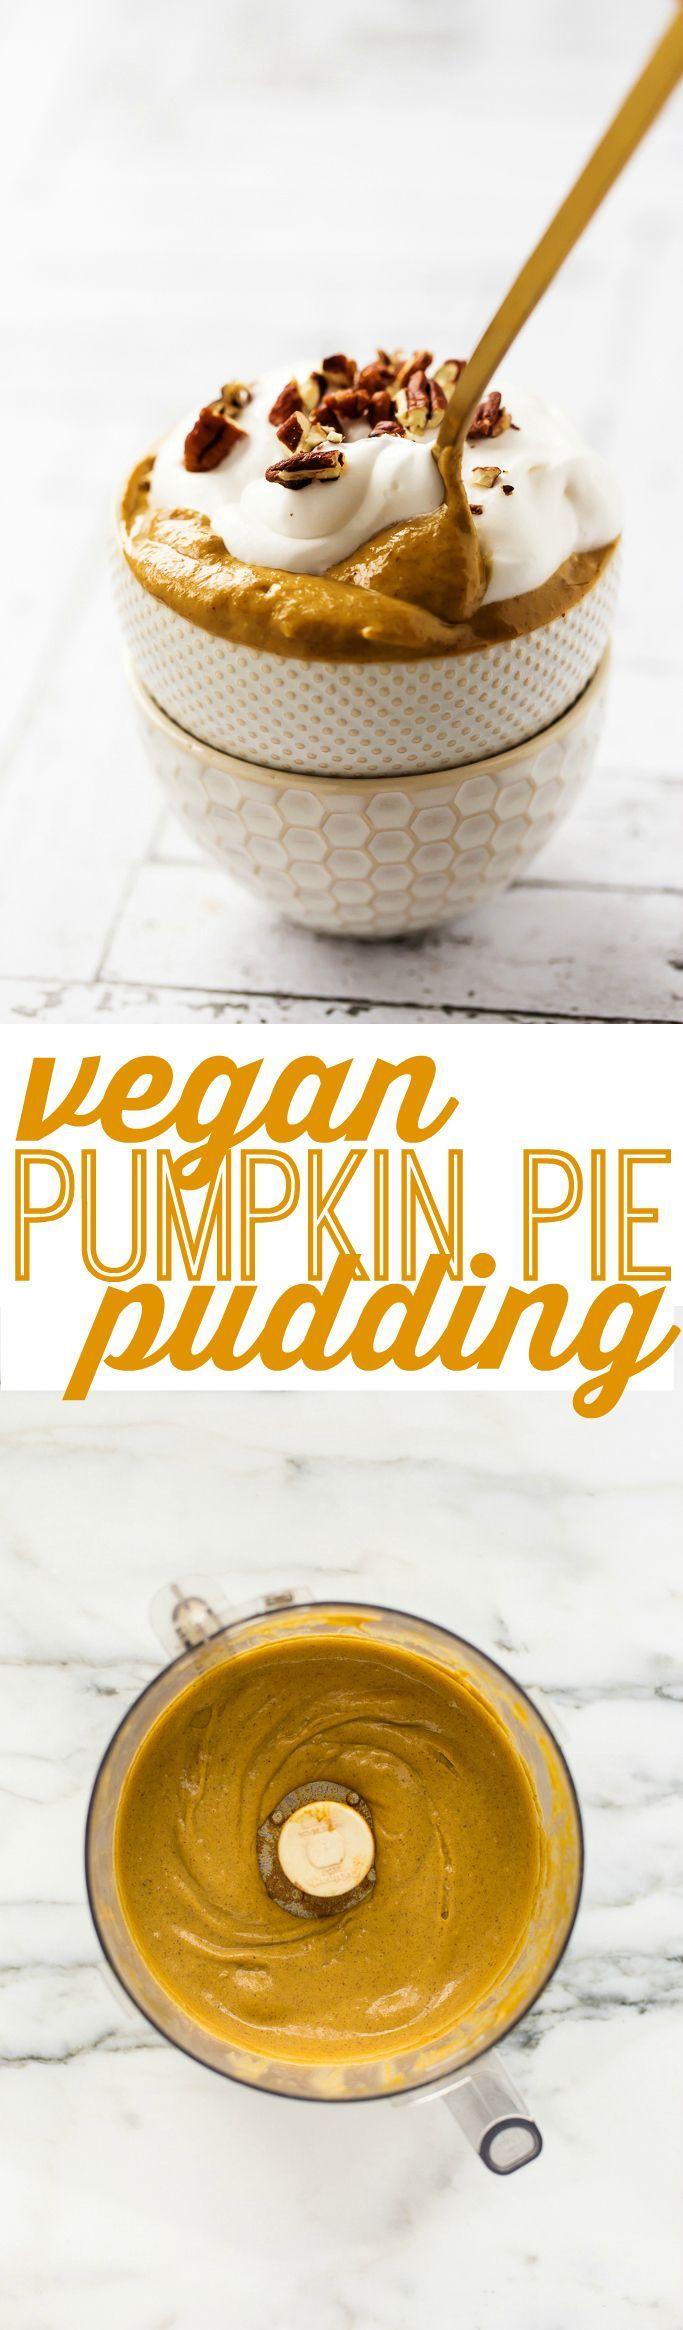 Pumpkin Pie Pudding #vegan